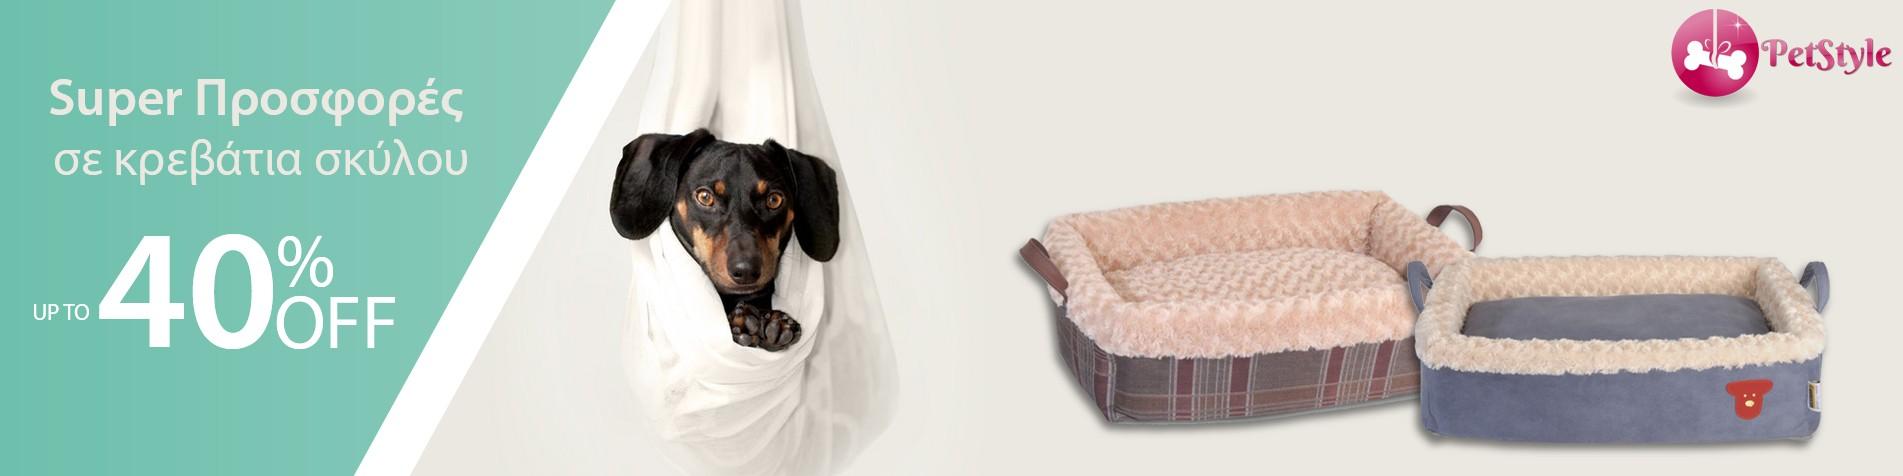 κρεβατάκια σκύλου